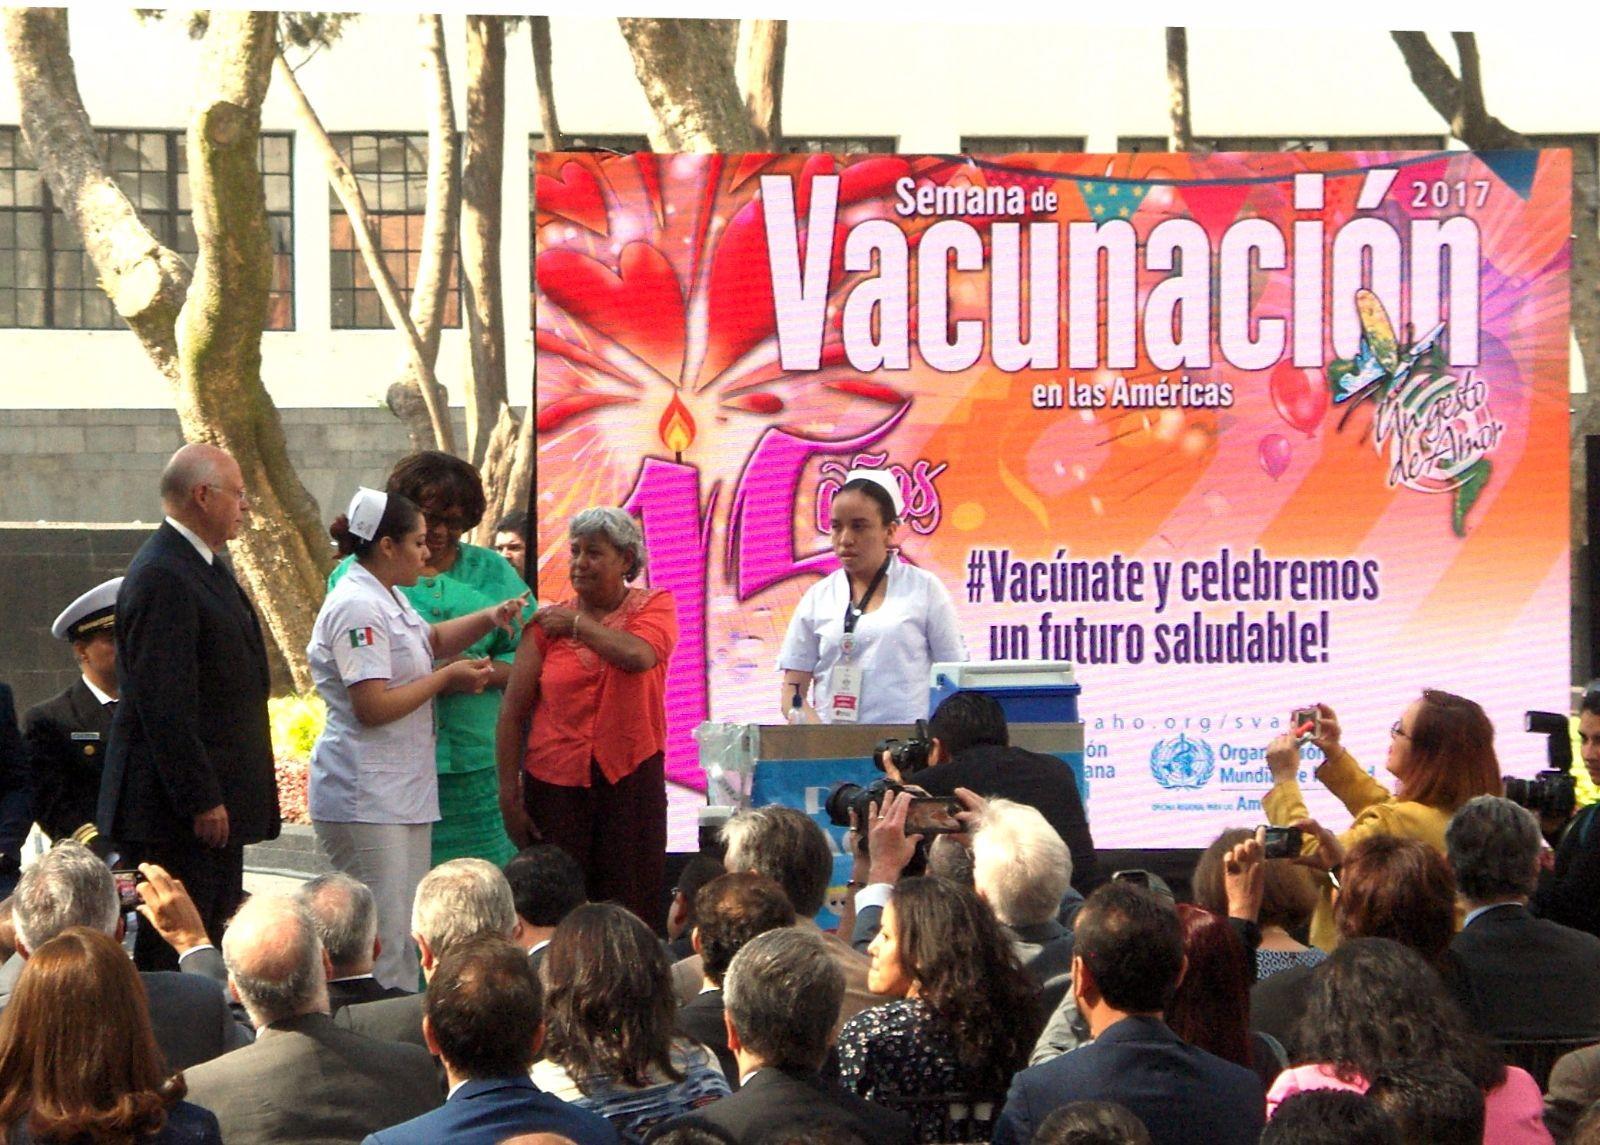 El doctor José Narro dijo que con ello se previenen enfermedades, evitan muertes prematuras y eliminan padecimientos.